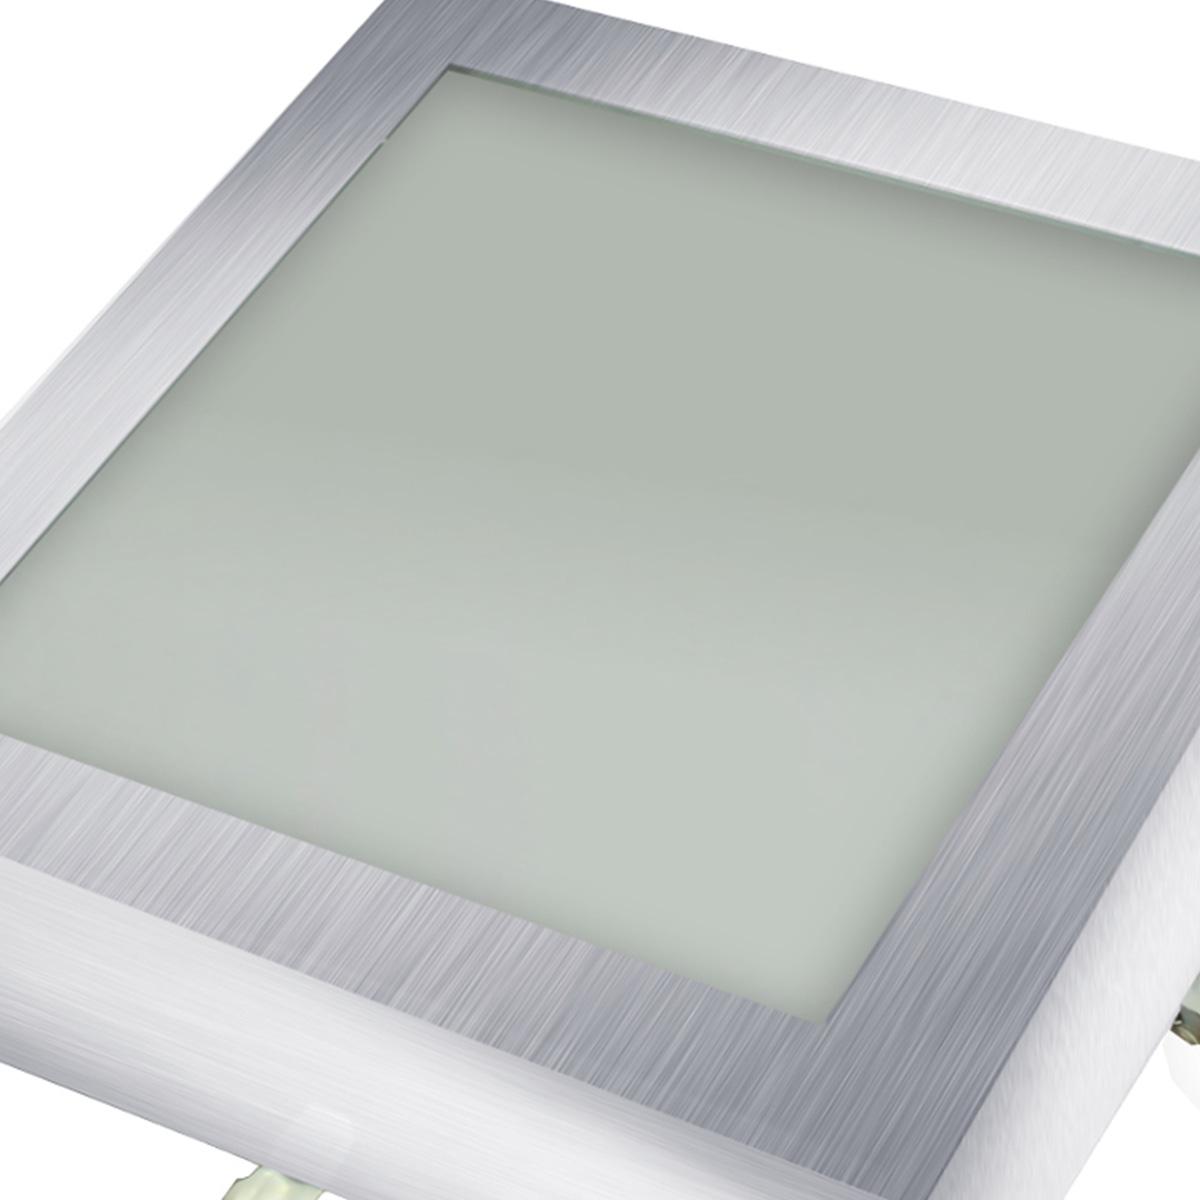 Plafon Space Sobr. Quad. 30cm Alum. Vidro Fosco E-27 3 Lamp. Max 60w Escovado